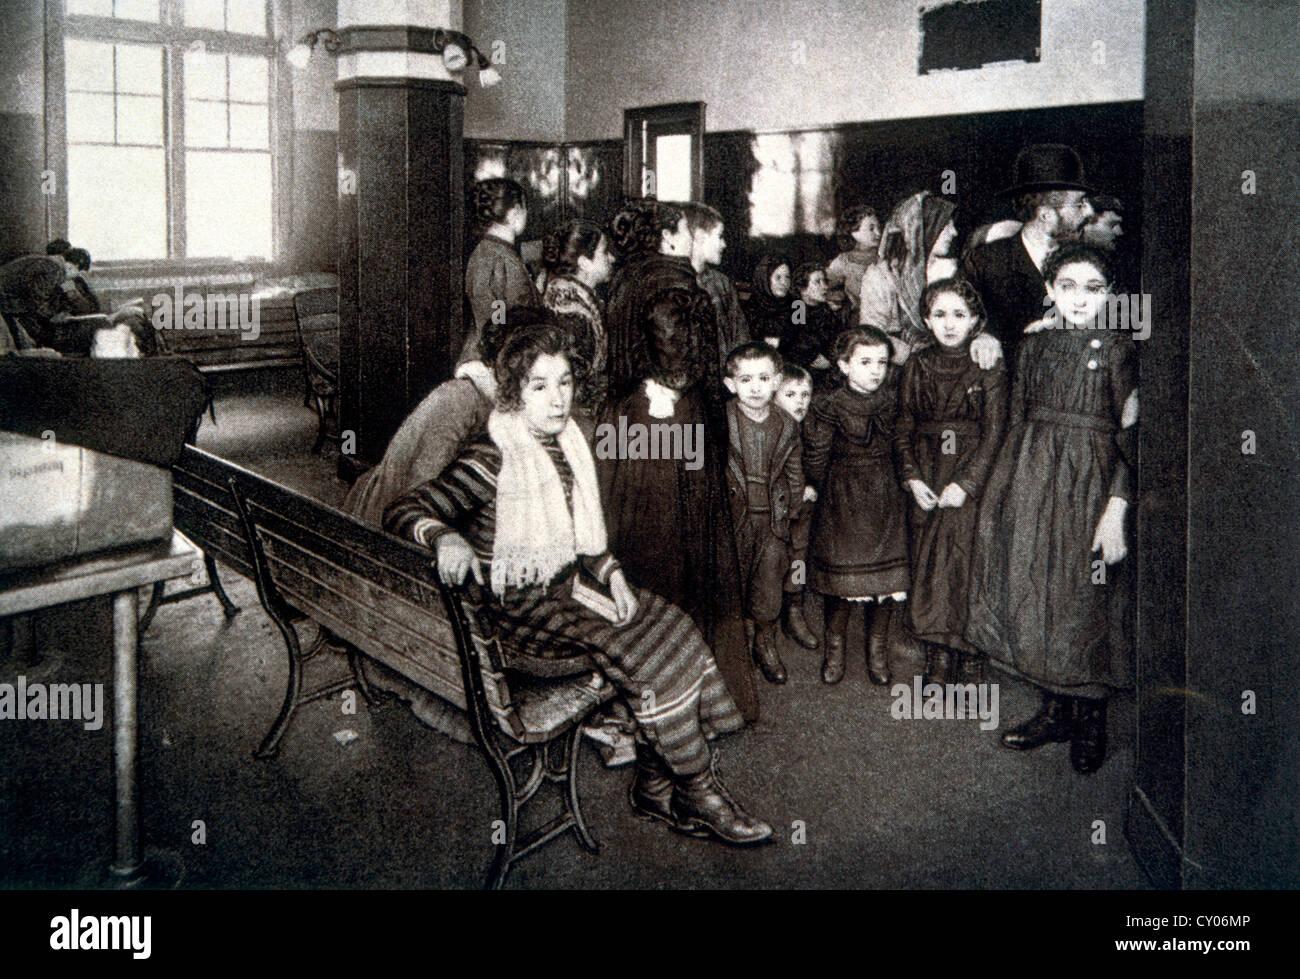 Gruppe von Emigranten warten in der Haft Stift nach bestehen der Aufnahmeprüfung, Ellis Island, New York, USA, ca. Stockfoto